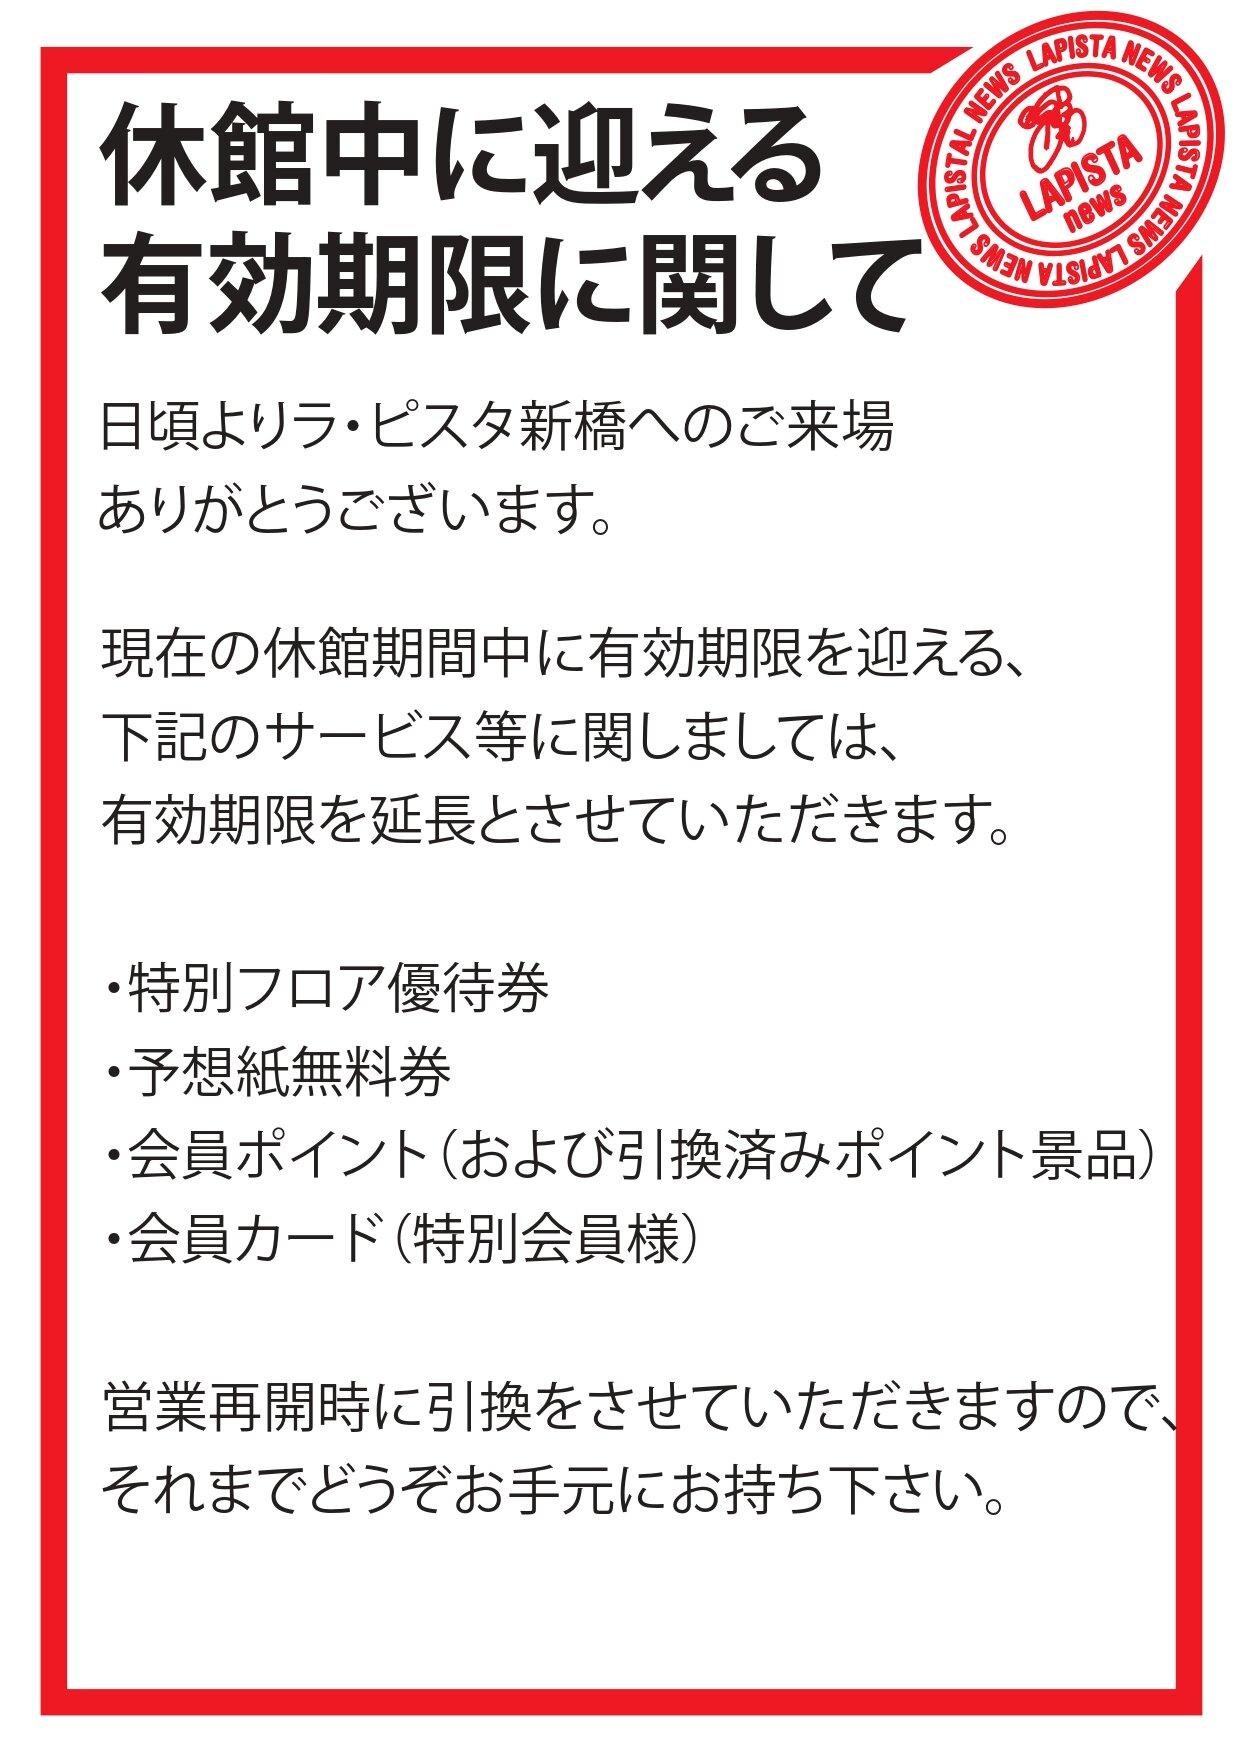 コロナウイルス 期限延長_page-0001.jpg